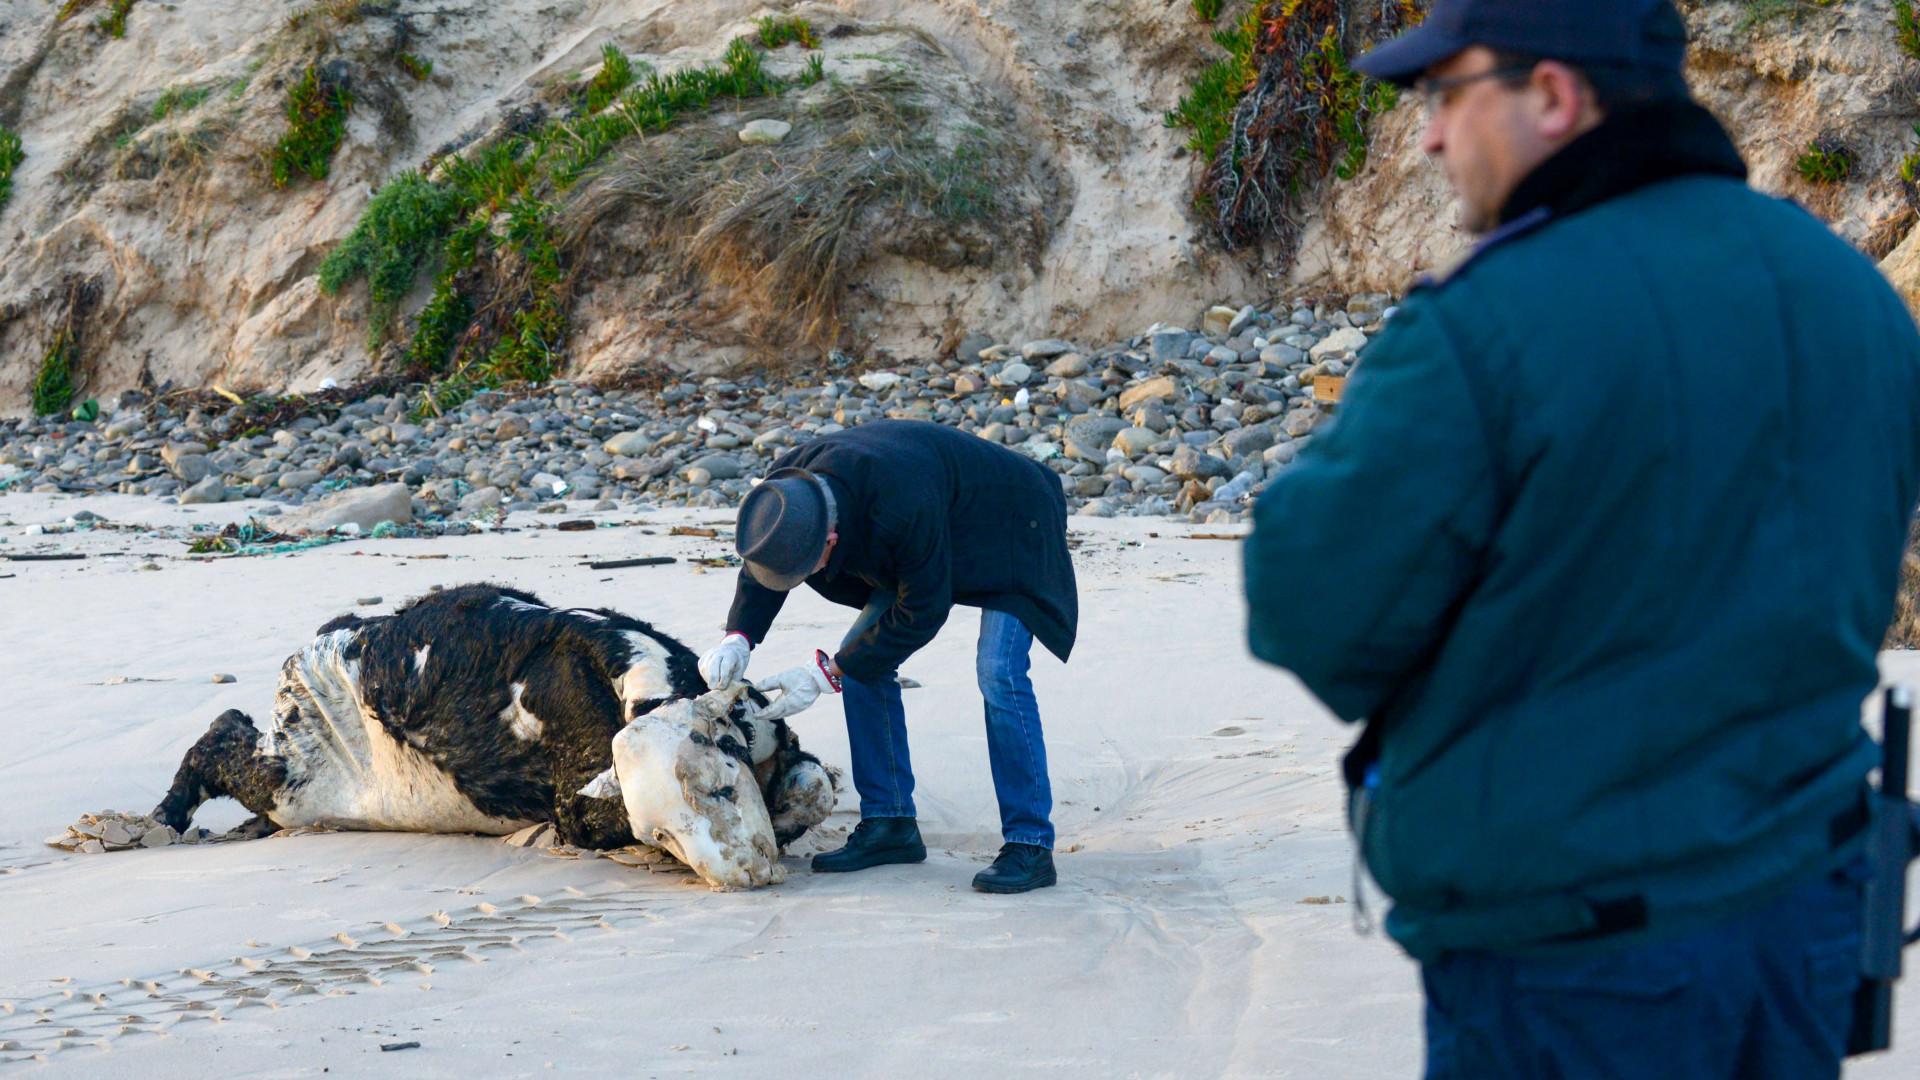 Cadáver de vaca removido de praia de Peniche quase 17 horas após o alerta